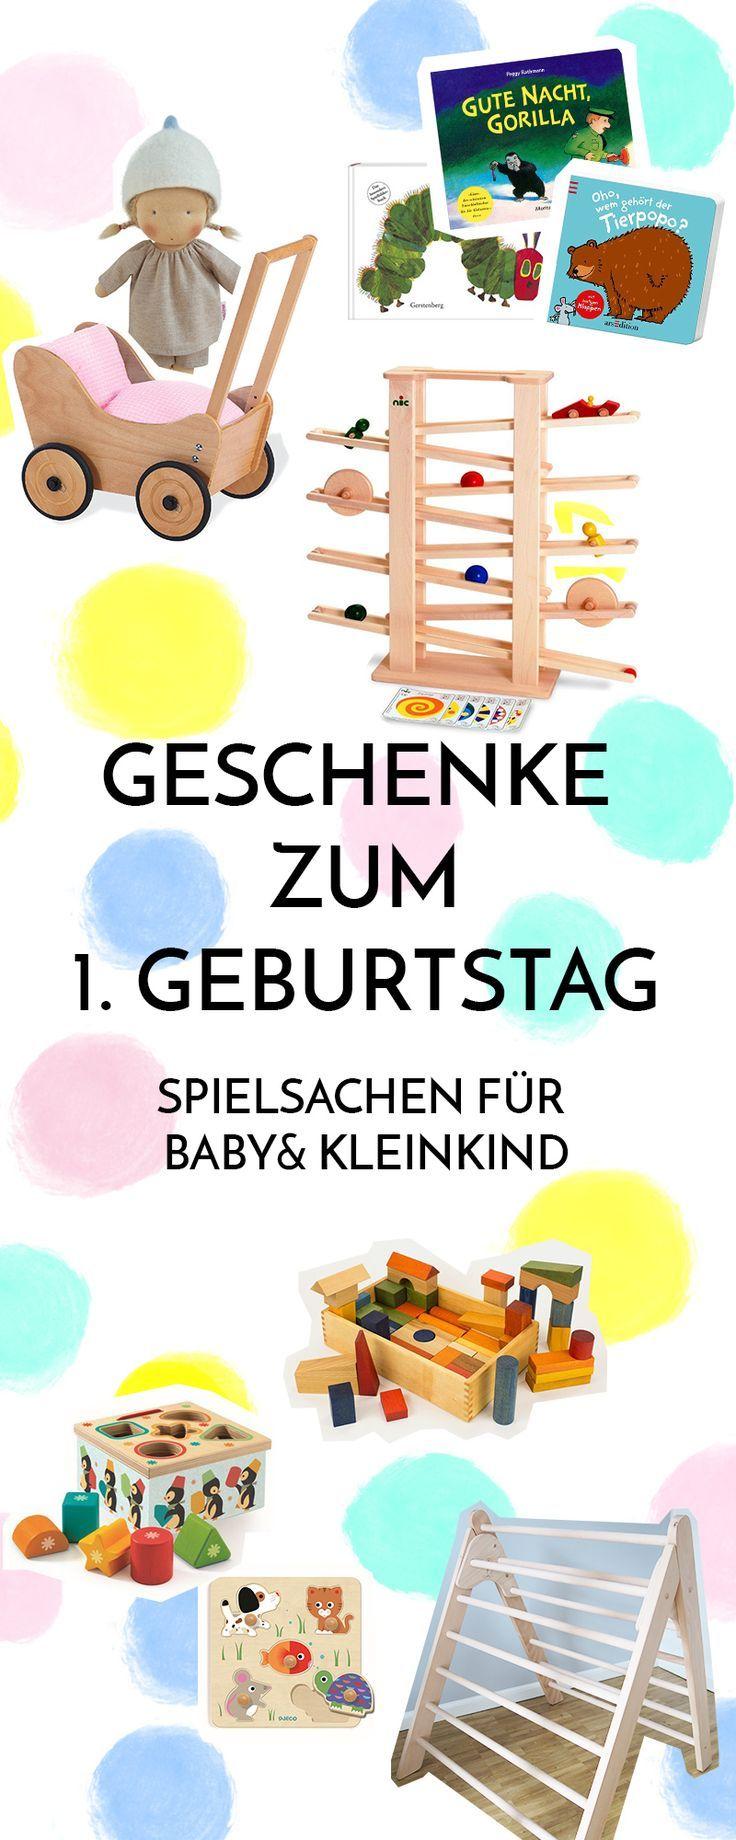 Sinnvolle Geschenke Zum 1 Geburtstag Spielzeug Fur Baby Kleinkind Spielzeug Fur Baby Sinnvolle Geschenke Baby Geschenke